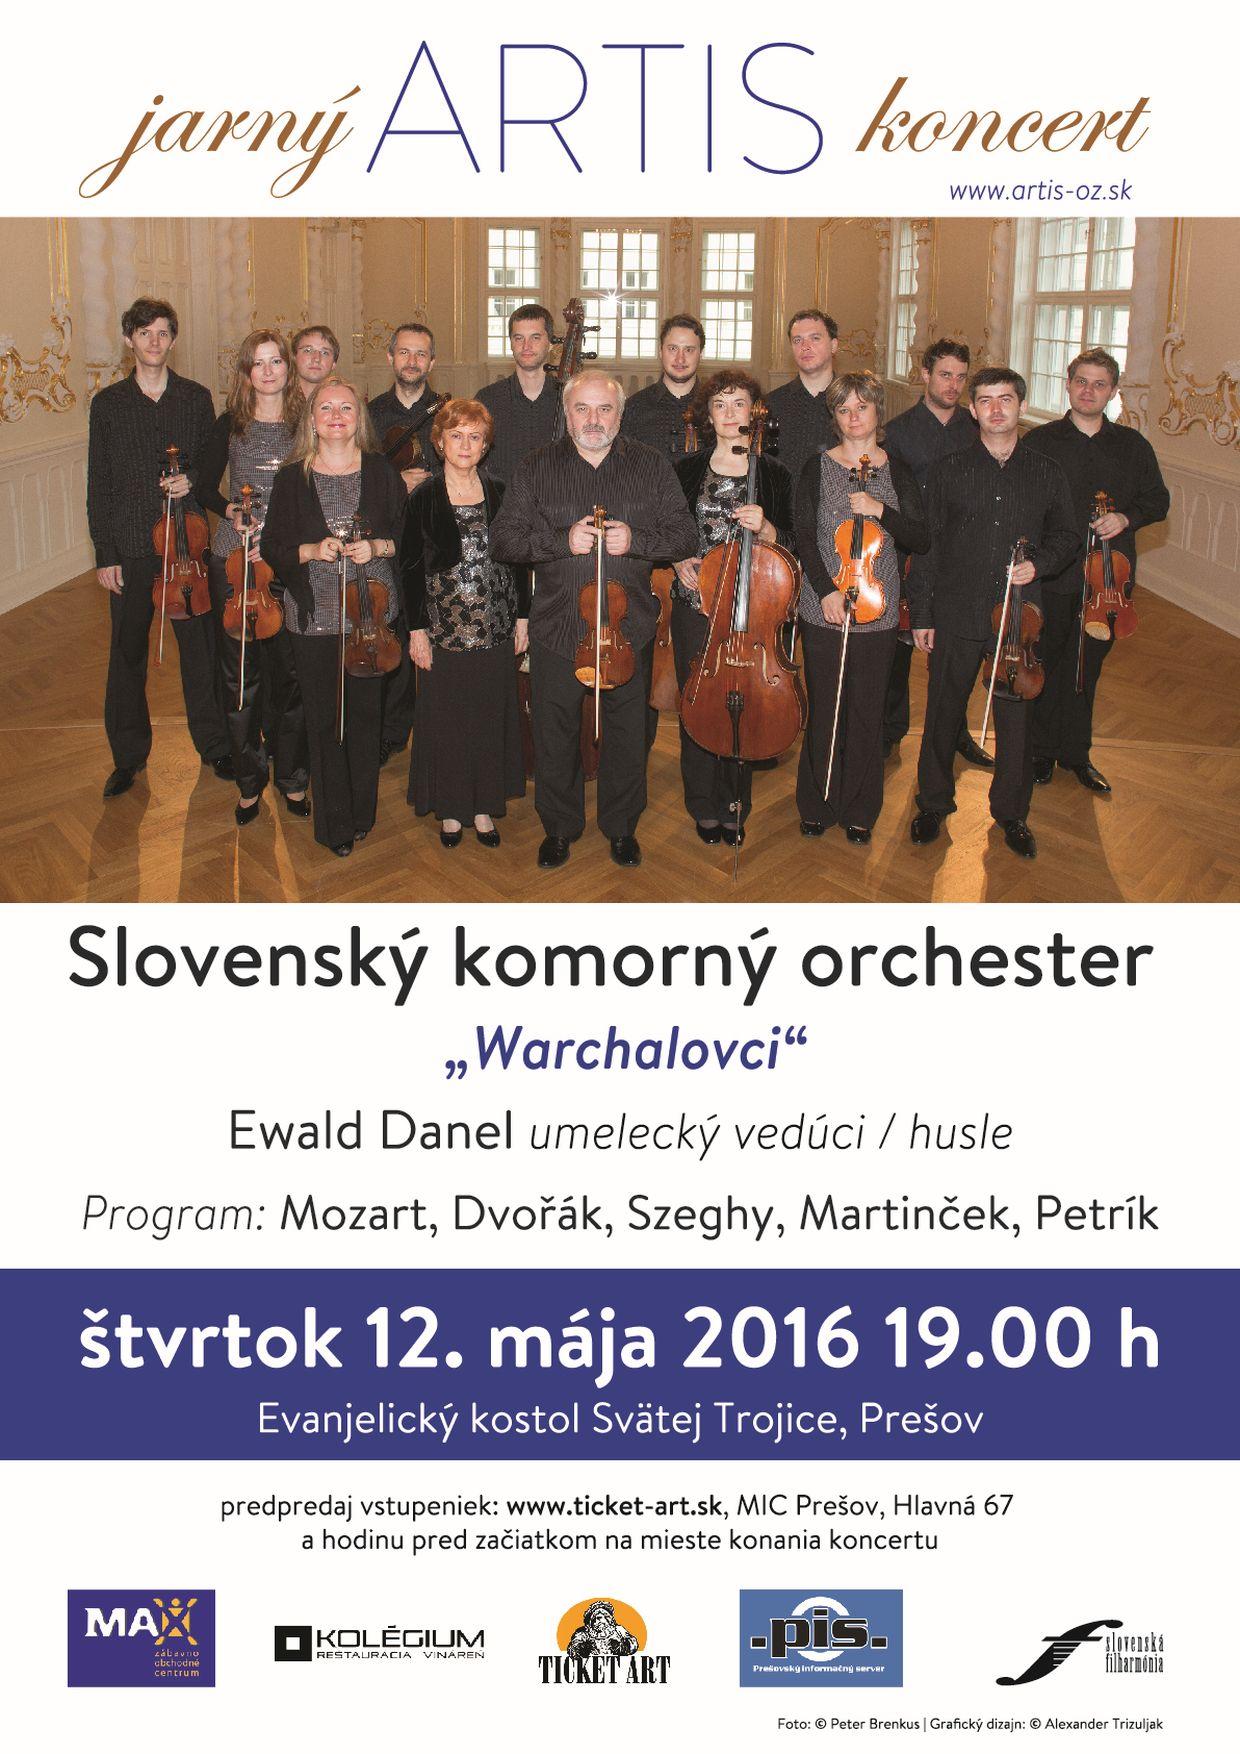 jarný ARTIS koncert, Slovenský komorný orchester, plagát